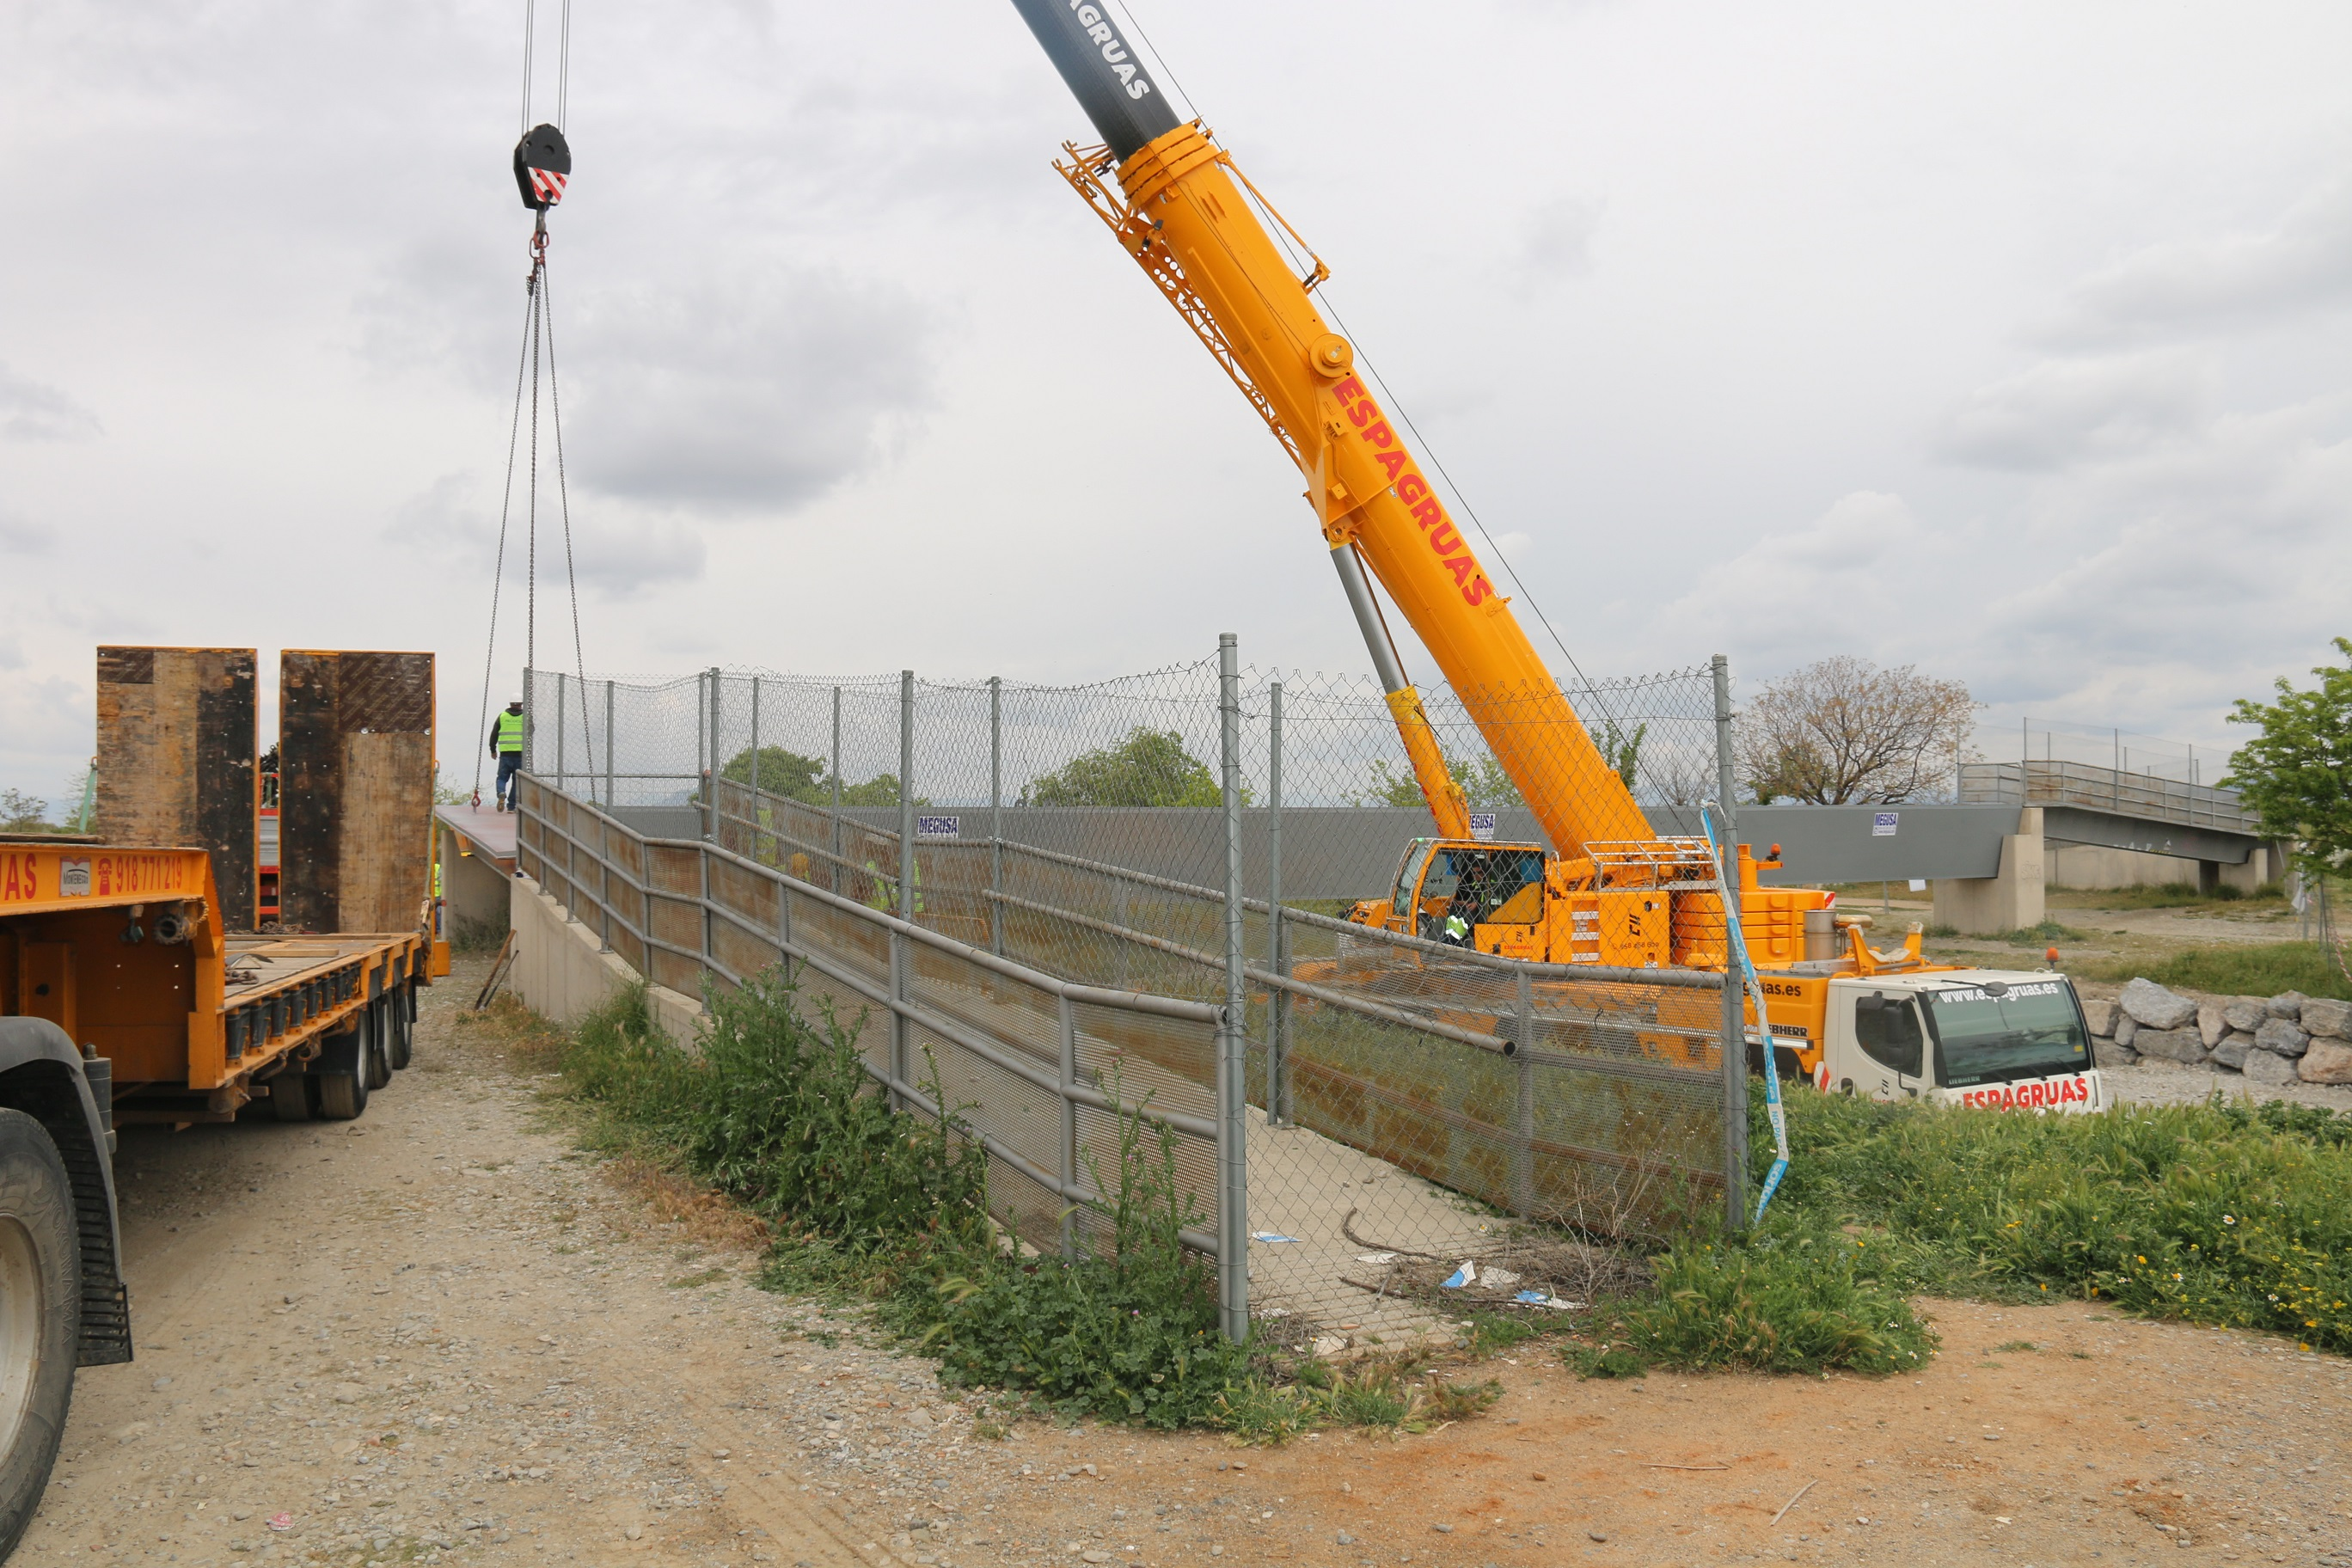 Ultiman las obras de la pasarela peatonal sobre el río Dílar en Alhendín